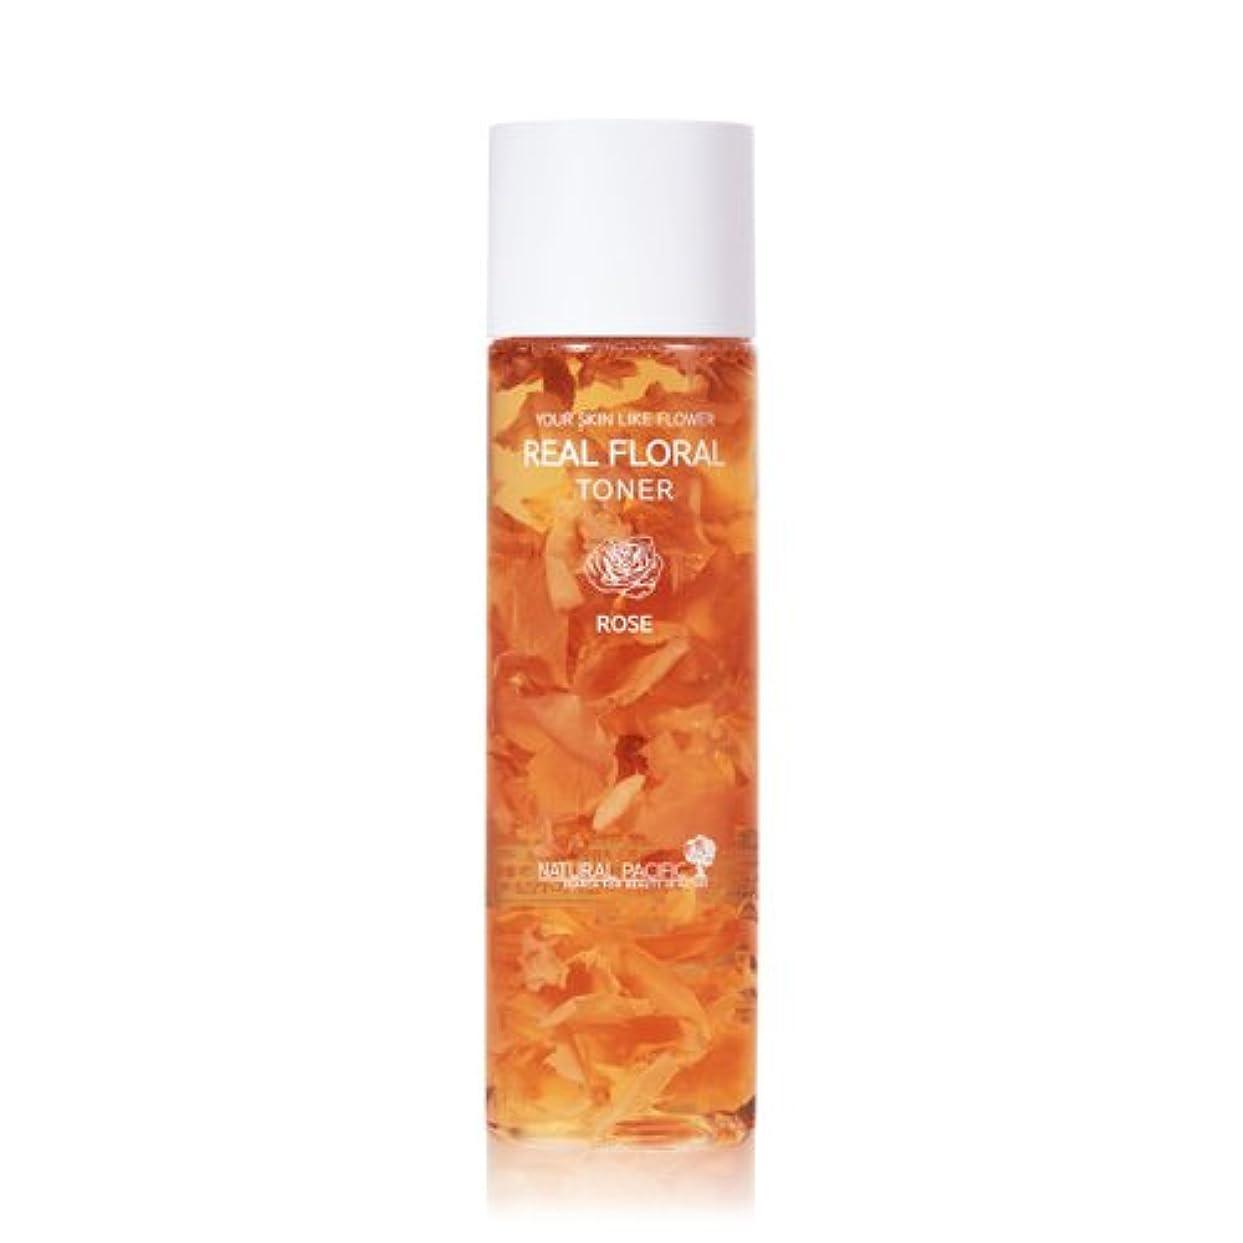 価値ホステスバレエNATURAL PACIFIC Real Rose Floral Toner 180ml/ナチュラルパシフィック リアル ローズ フローラル トナー 180ml [並行輸入品]